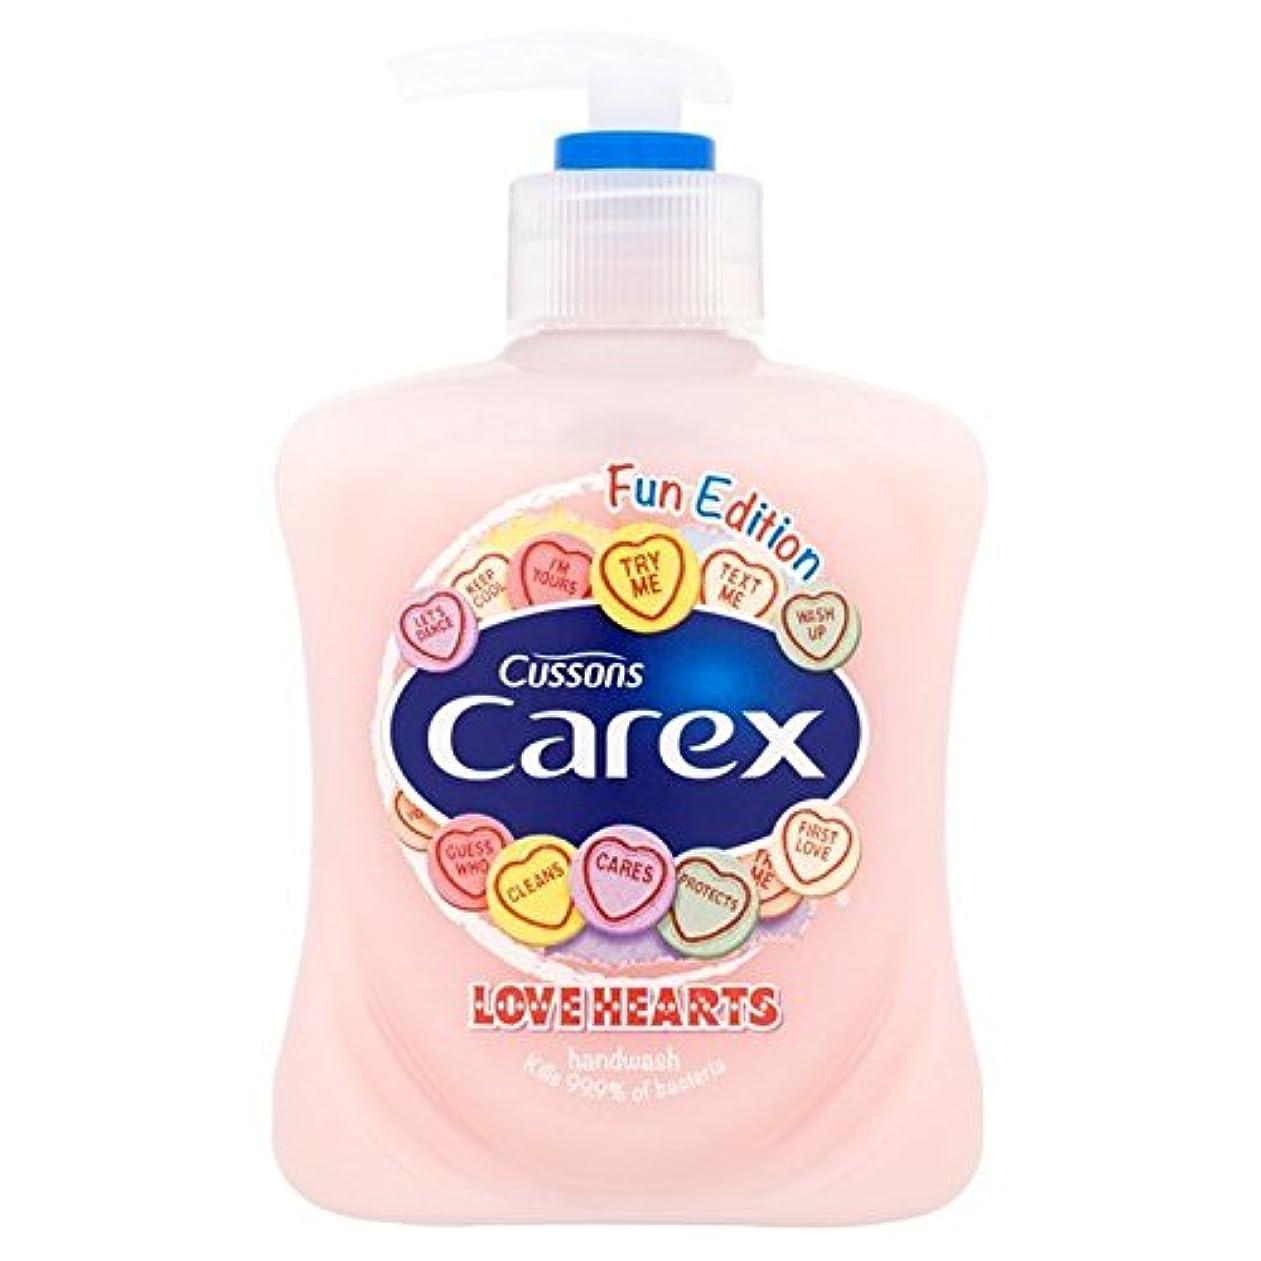 言うまでもなく油公園Carex Fun Edition Love Hearts Hand Wash 250ml (Pack of 6) - スゲ楽しい版愛の心のハンドウォッシュ250ミリリットル x6 [並行輸入品]